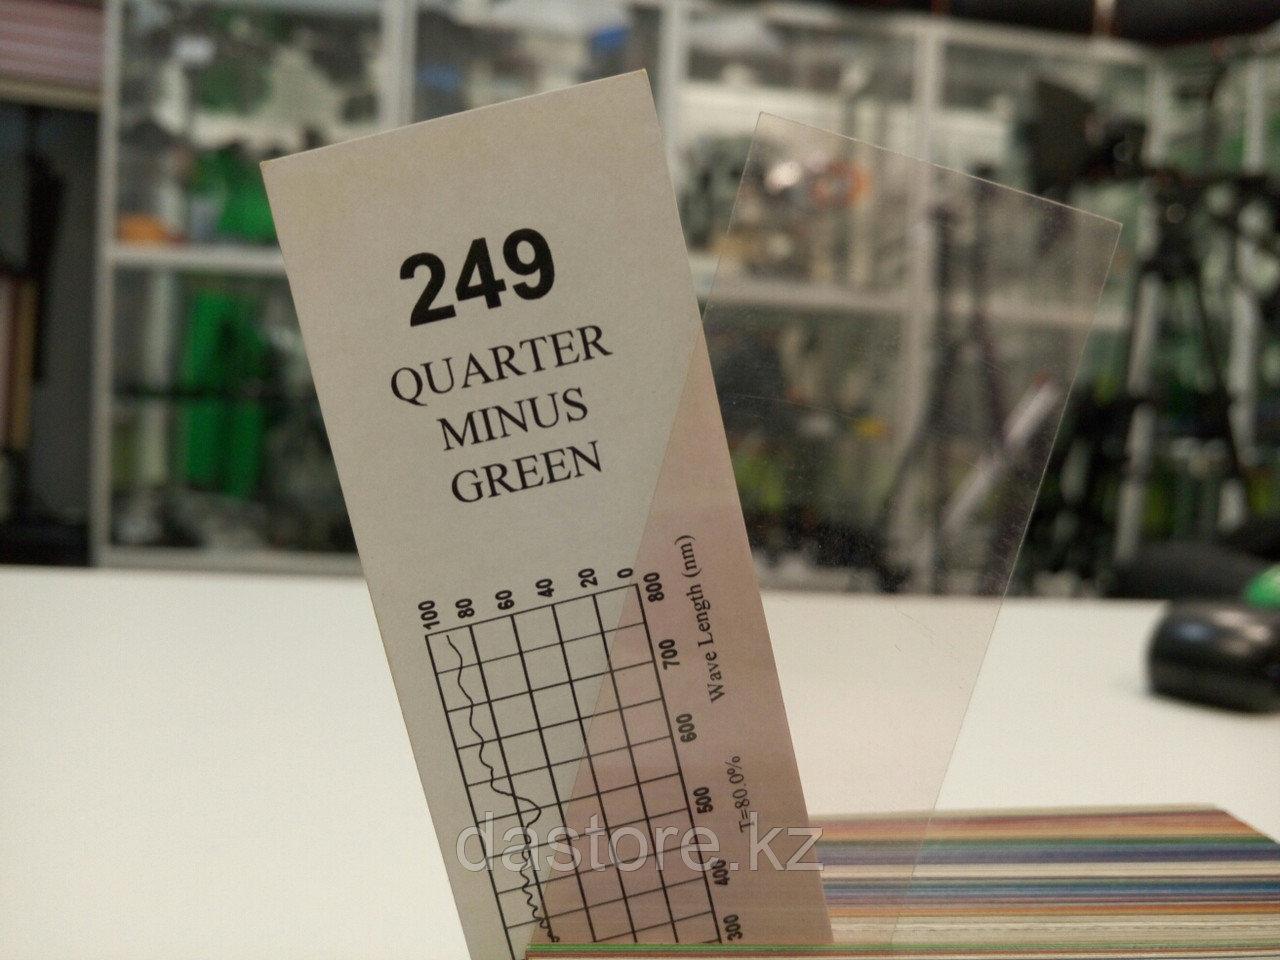 Cotech 249 QUARTER MINUS GREEN светофильтр для осветительных приборов